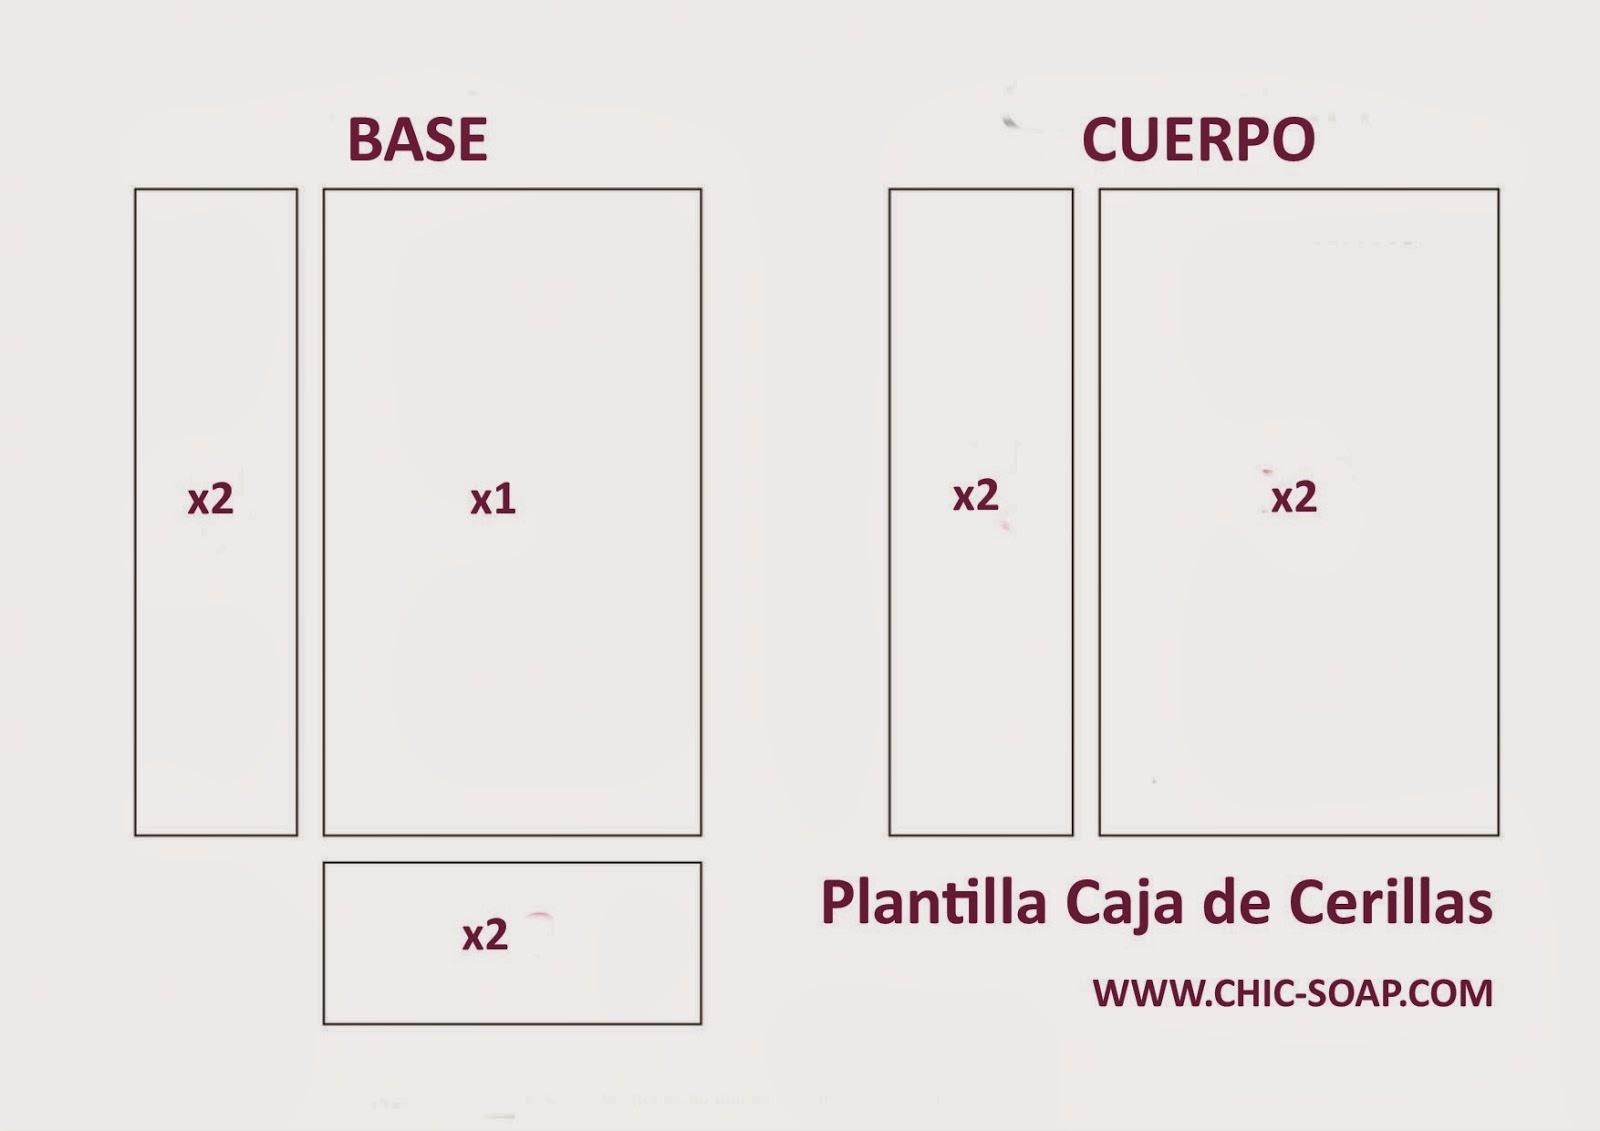 Plantilla Caja de Cerillas